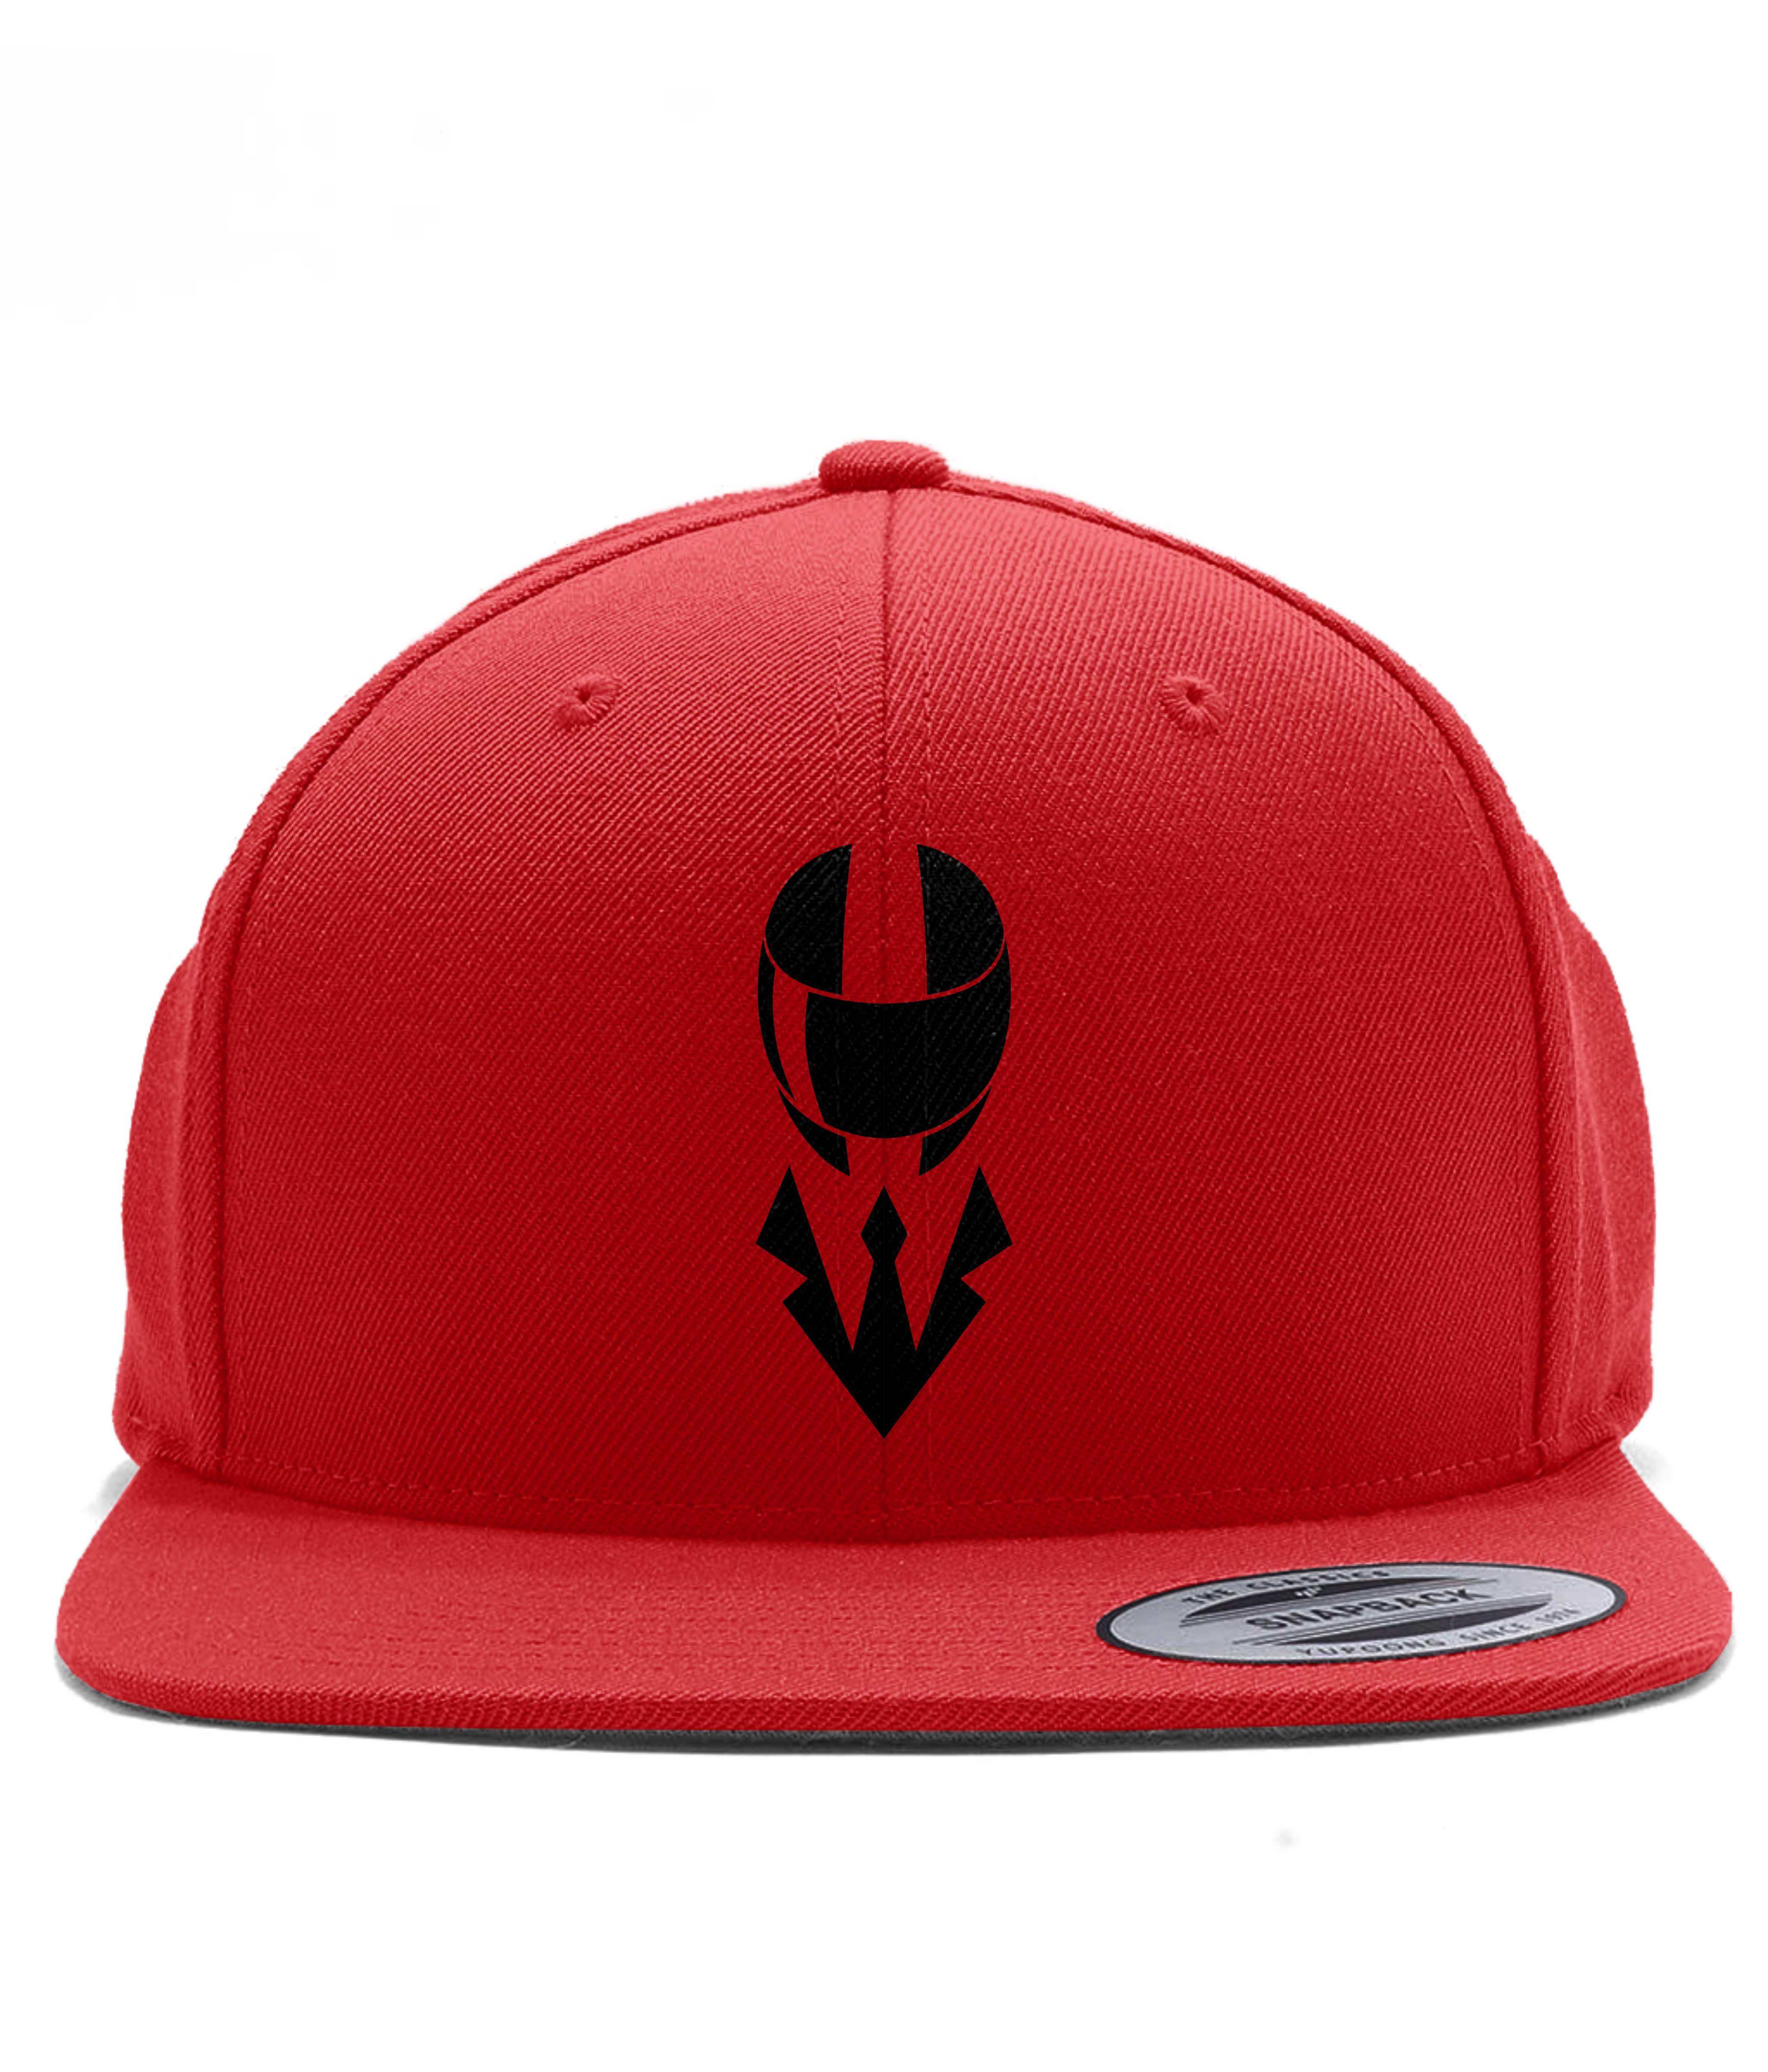 Helmet Snapback - Black